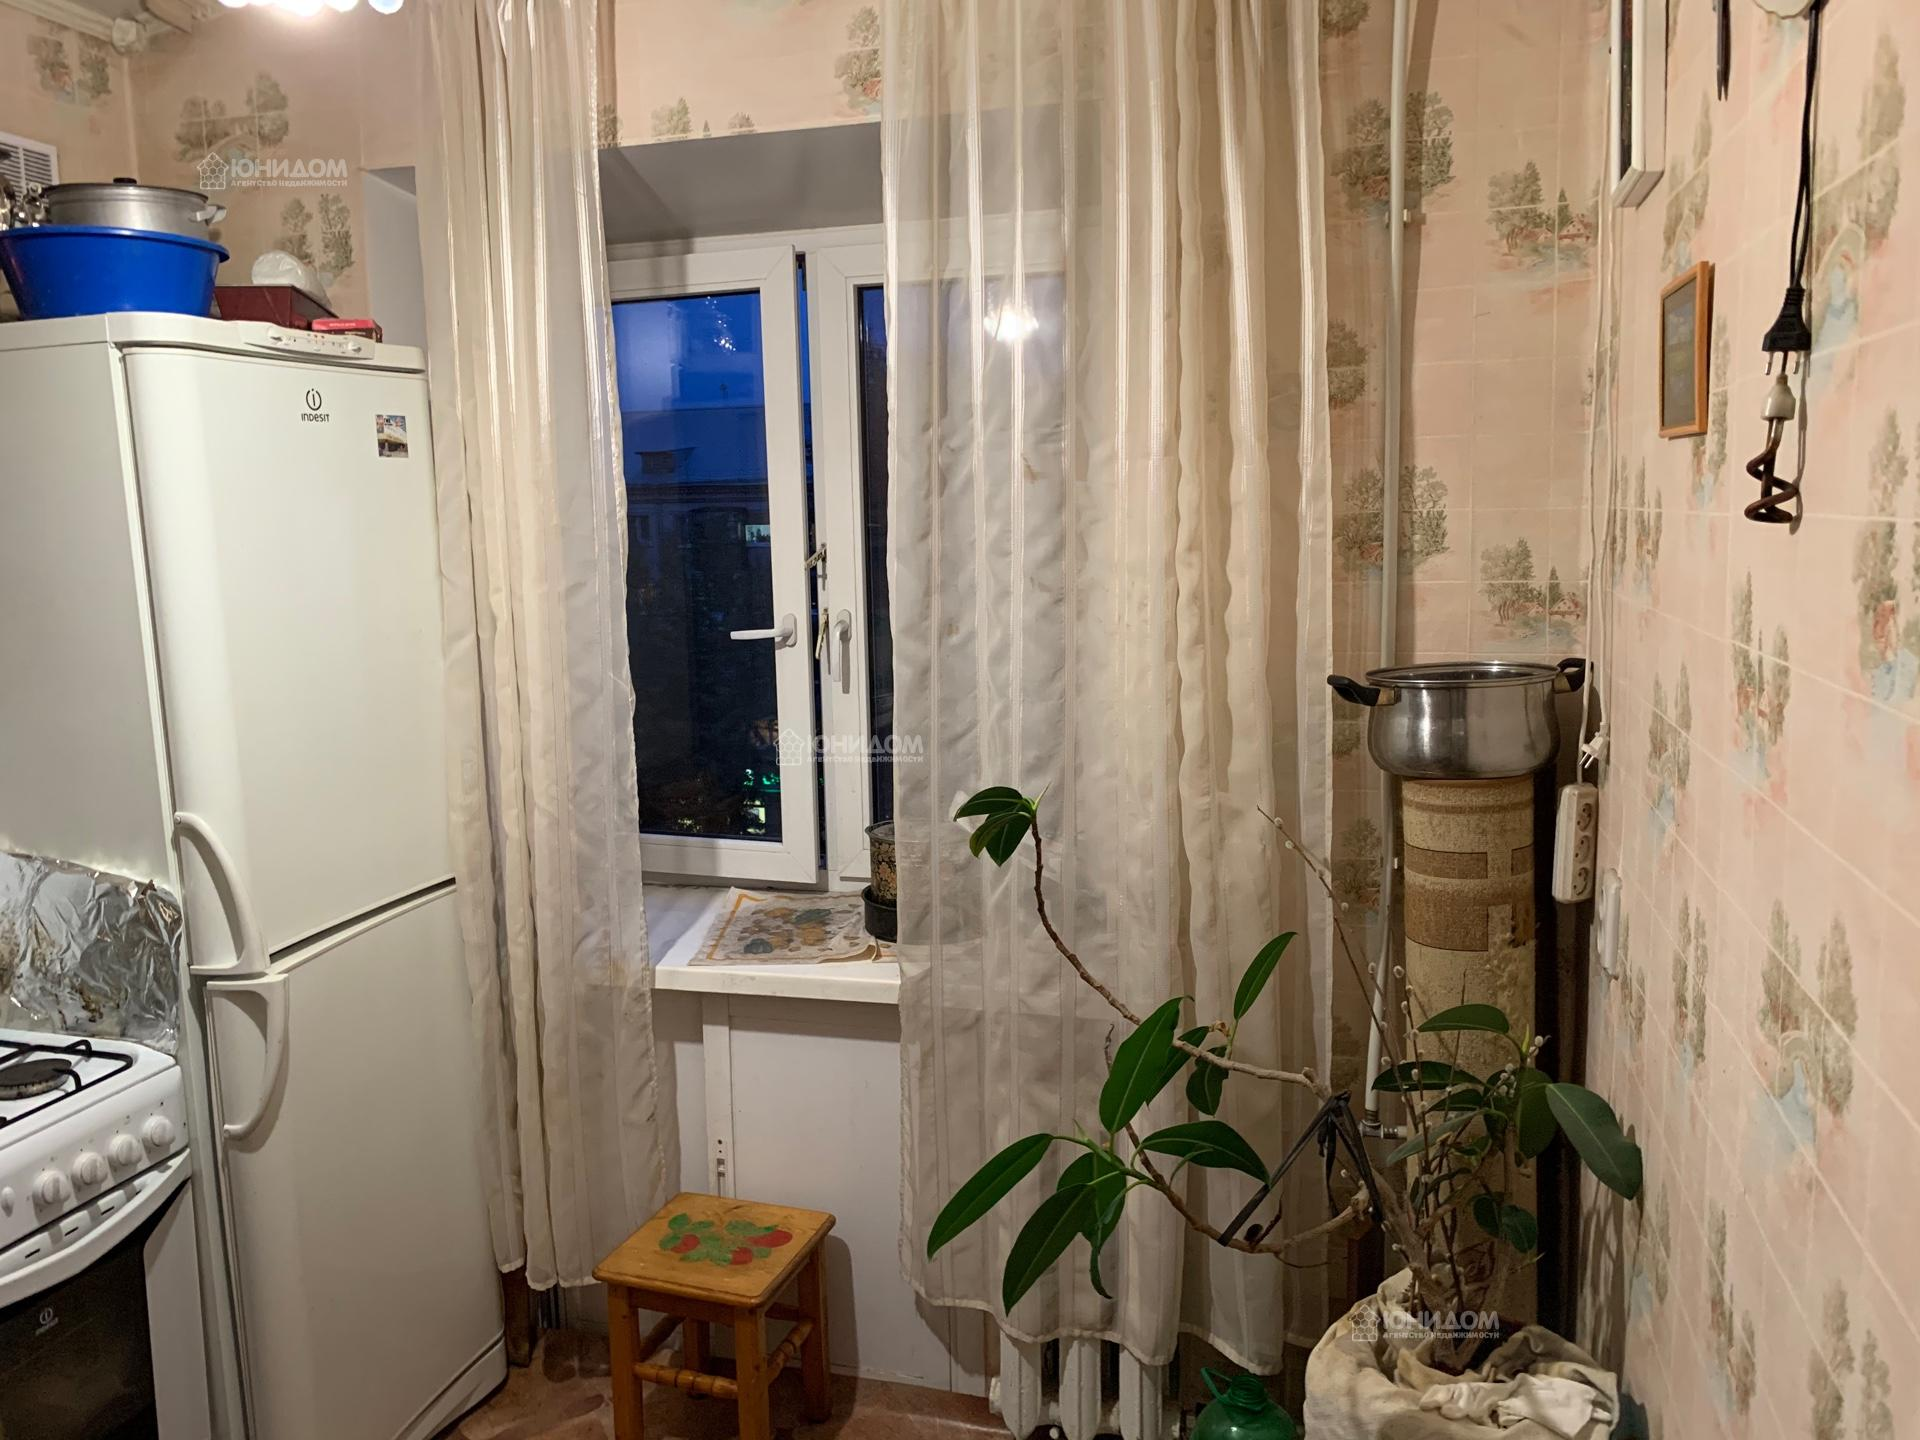 Продам инд по адресу Россия, Тюменская область, Тюмень, Червишевский тракт, 66 фото 0 по выгодной цене